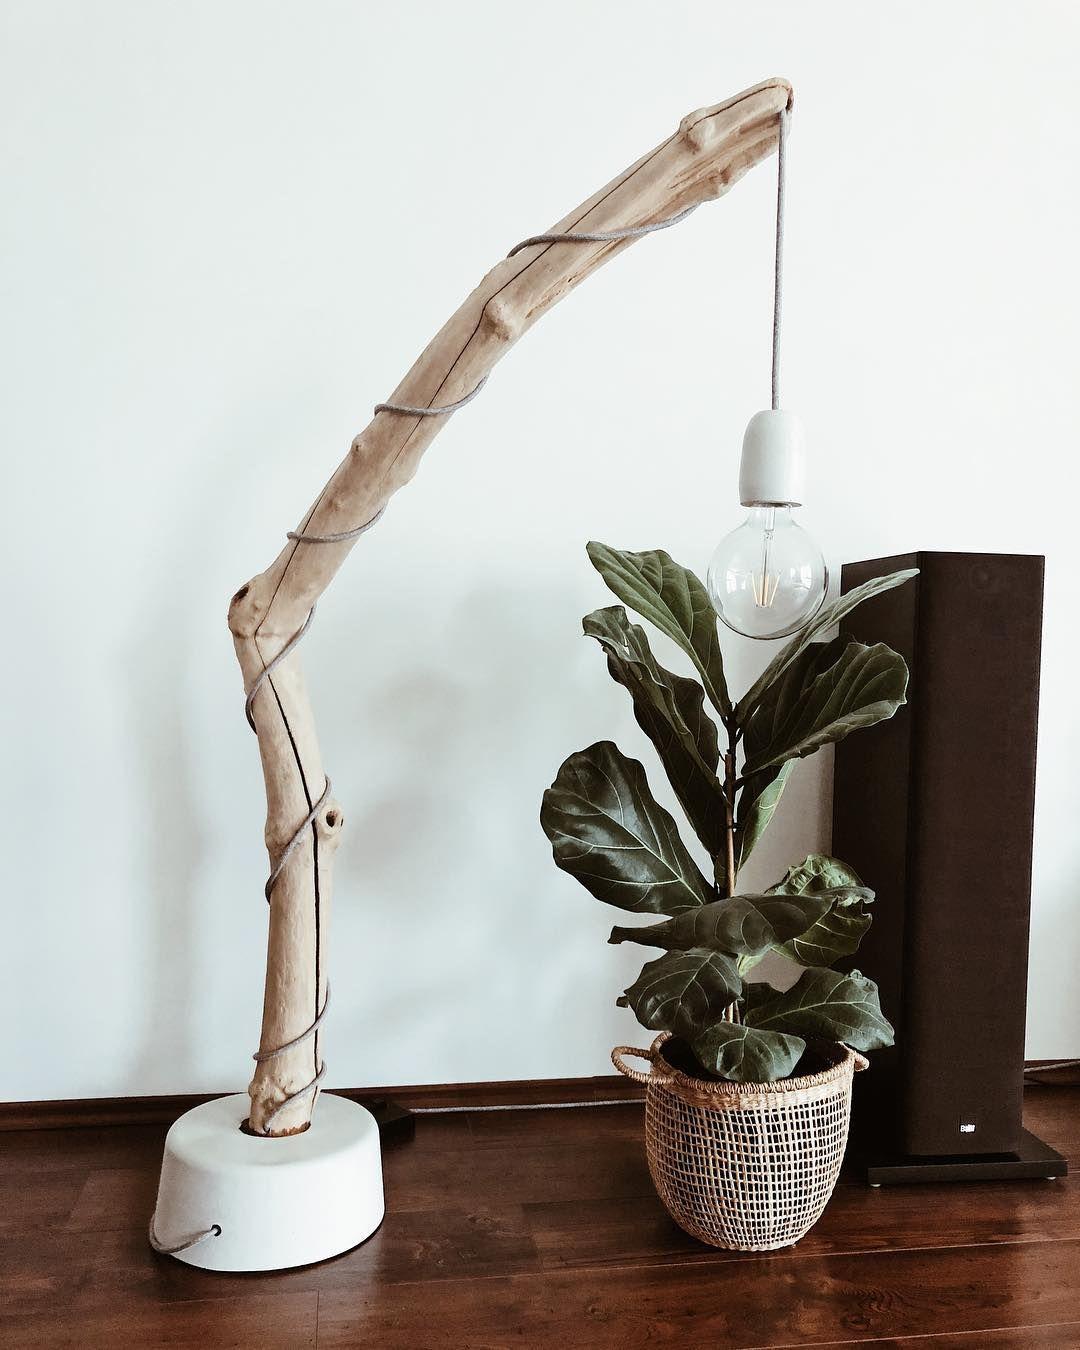 Traumhafe Diy Holz Stehlampe Wir Finden Die Kombination Aus Holz